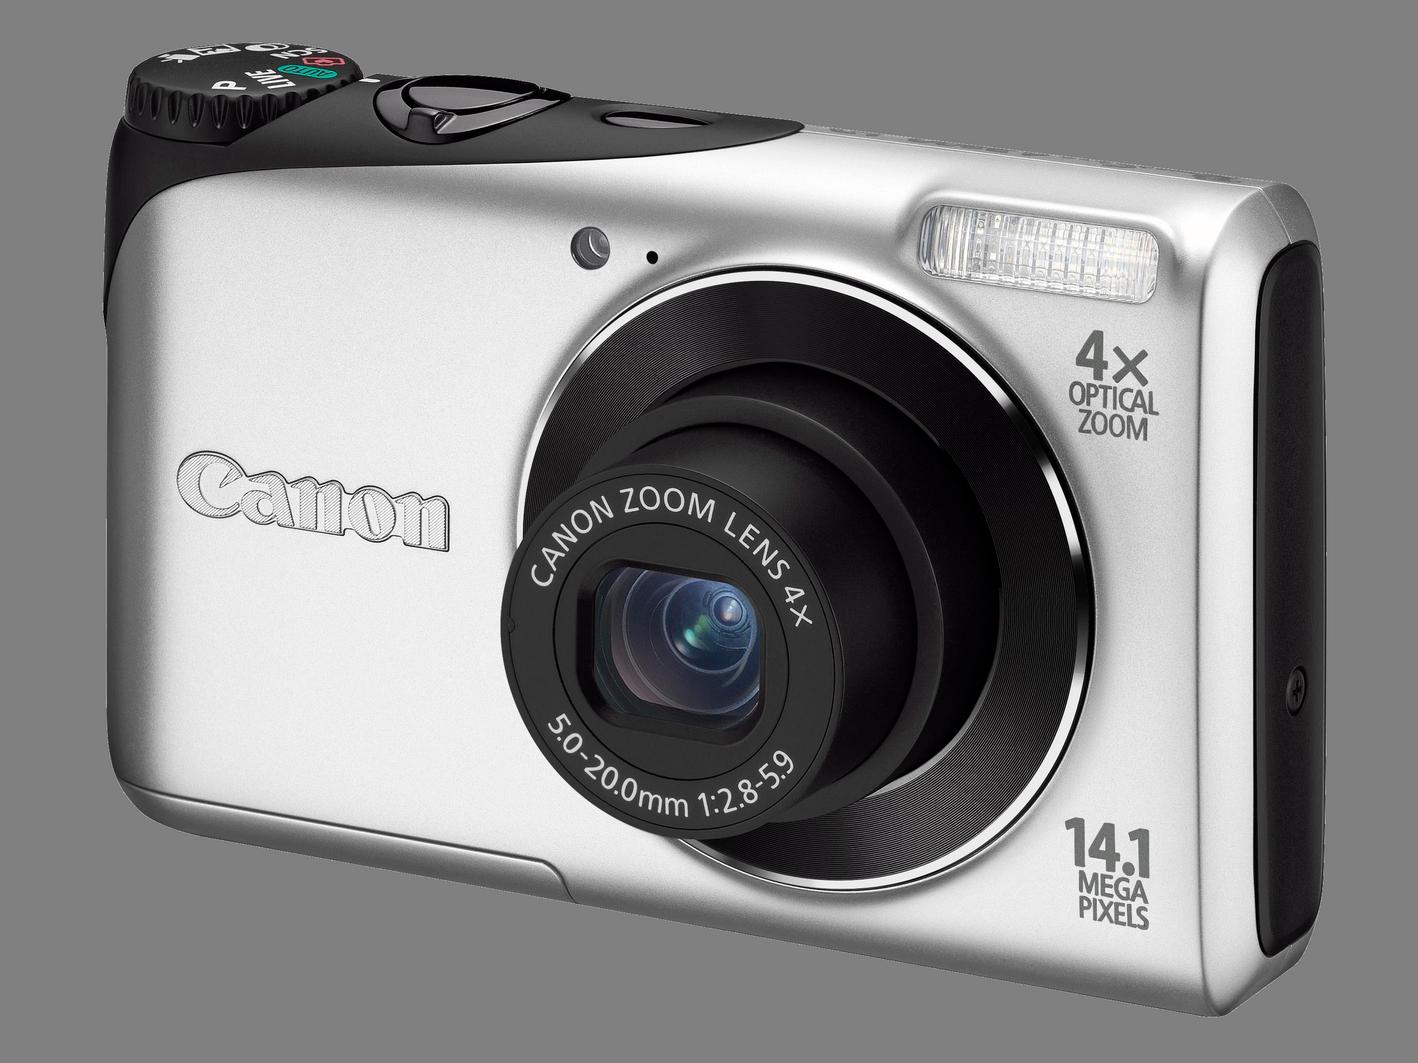 Photo Camera PNG Image Digital camera photo, Camera